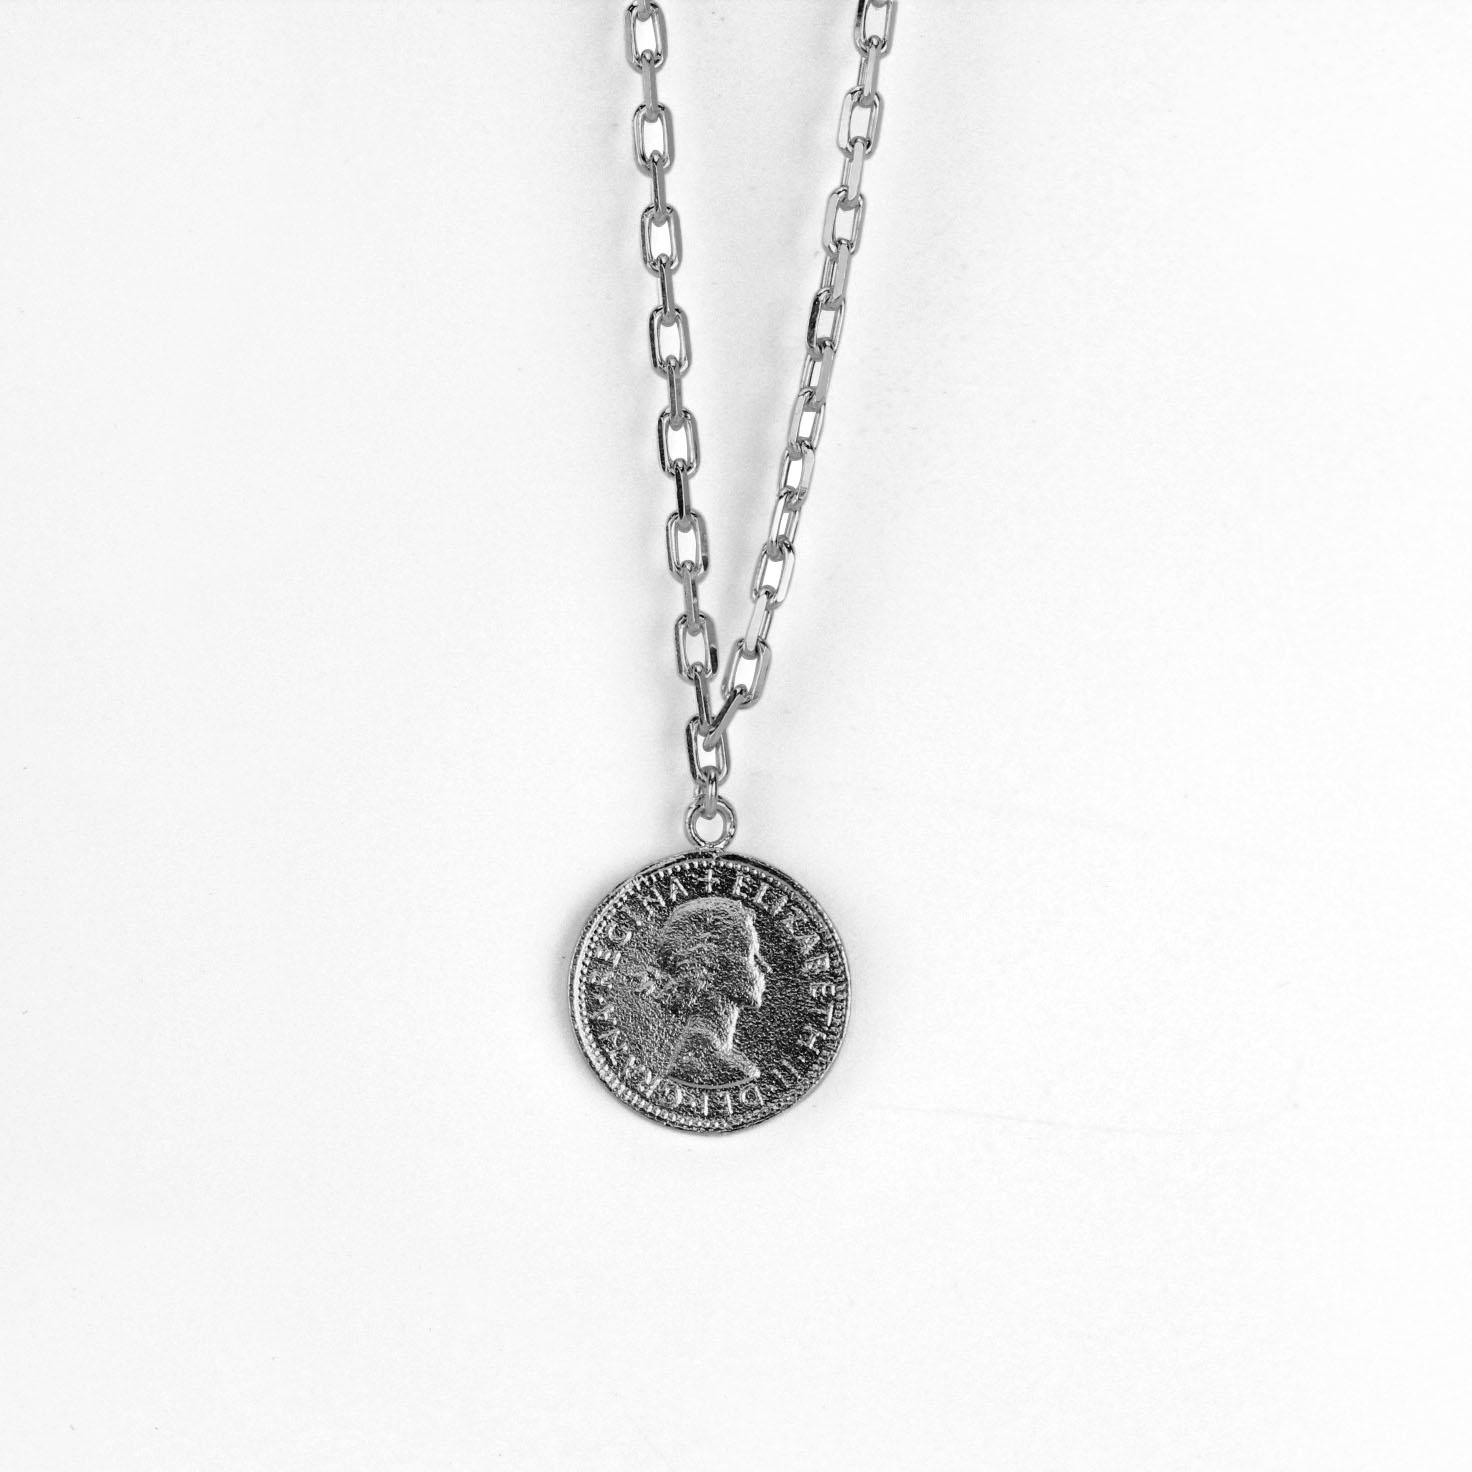 伊麗莎白錢幣